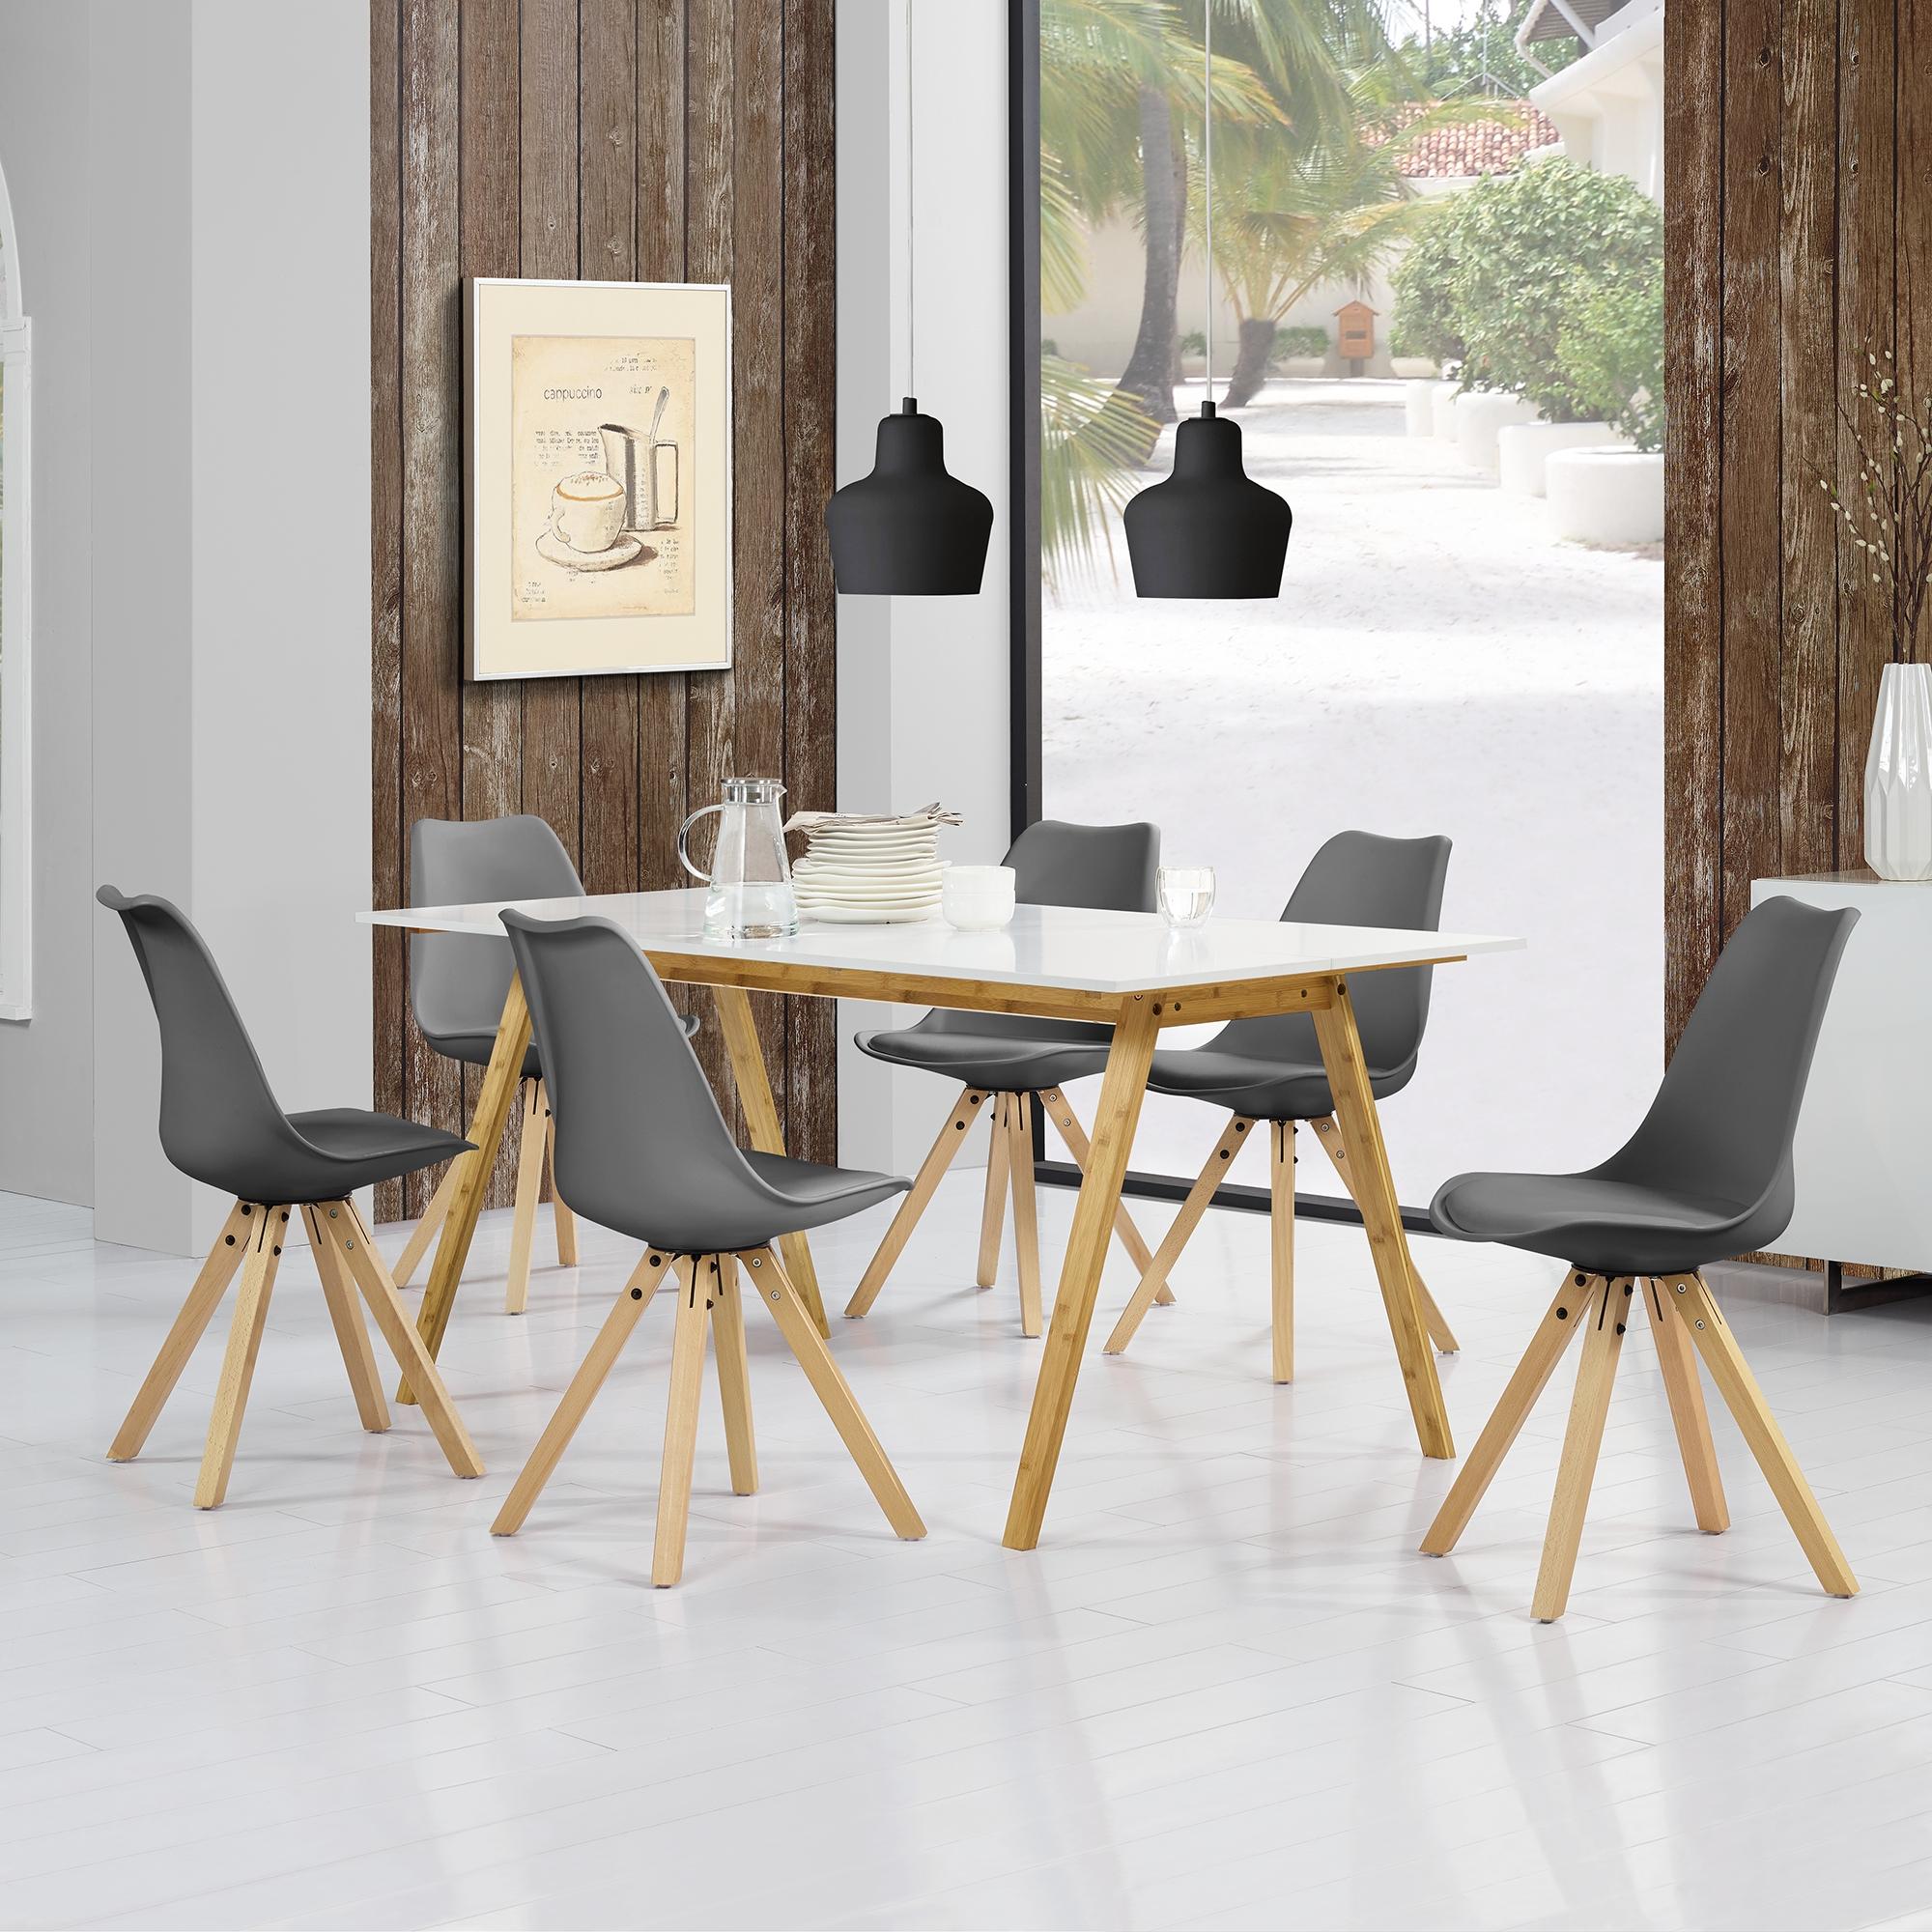 en.casa]® Esstisch Bambus mit 6 Stühlen gepolstert grau Tisch ...